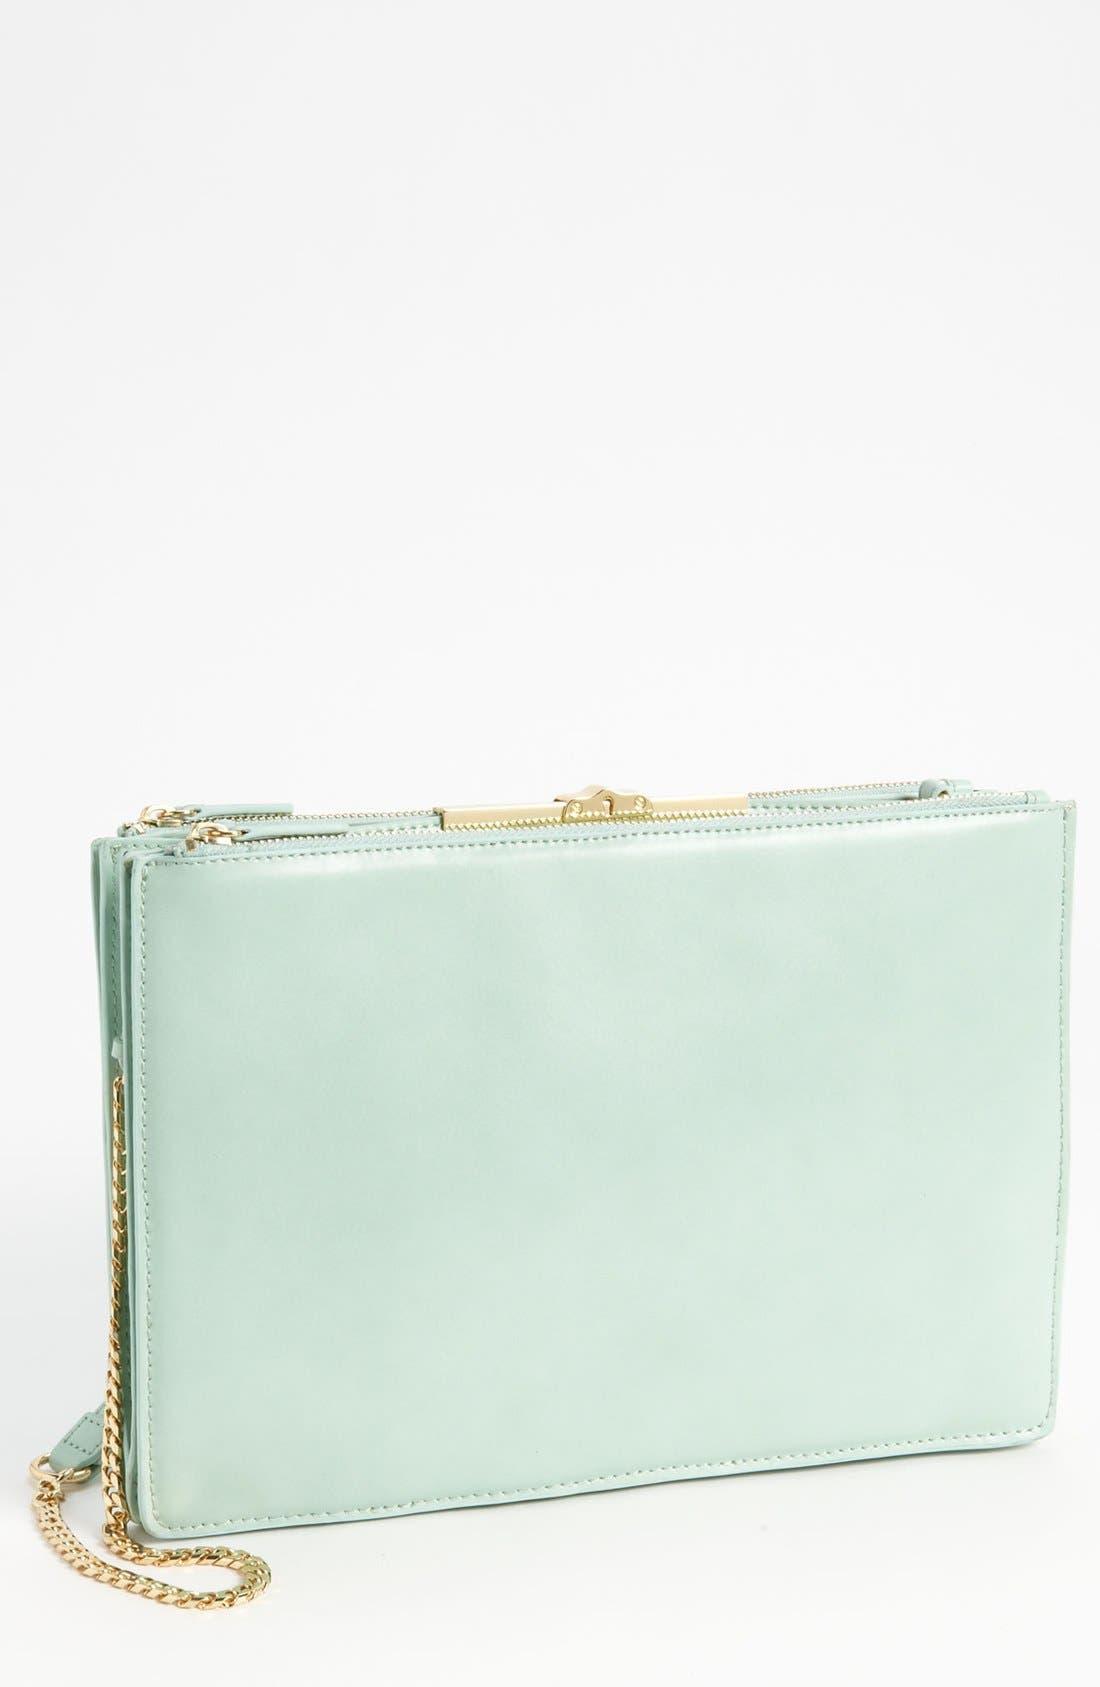 Alternate Image 1 Selected - Vince Camuto 'Clara' Shoulder Bag